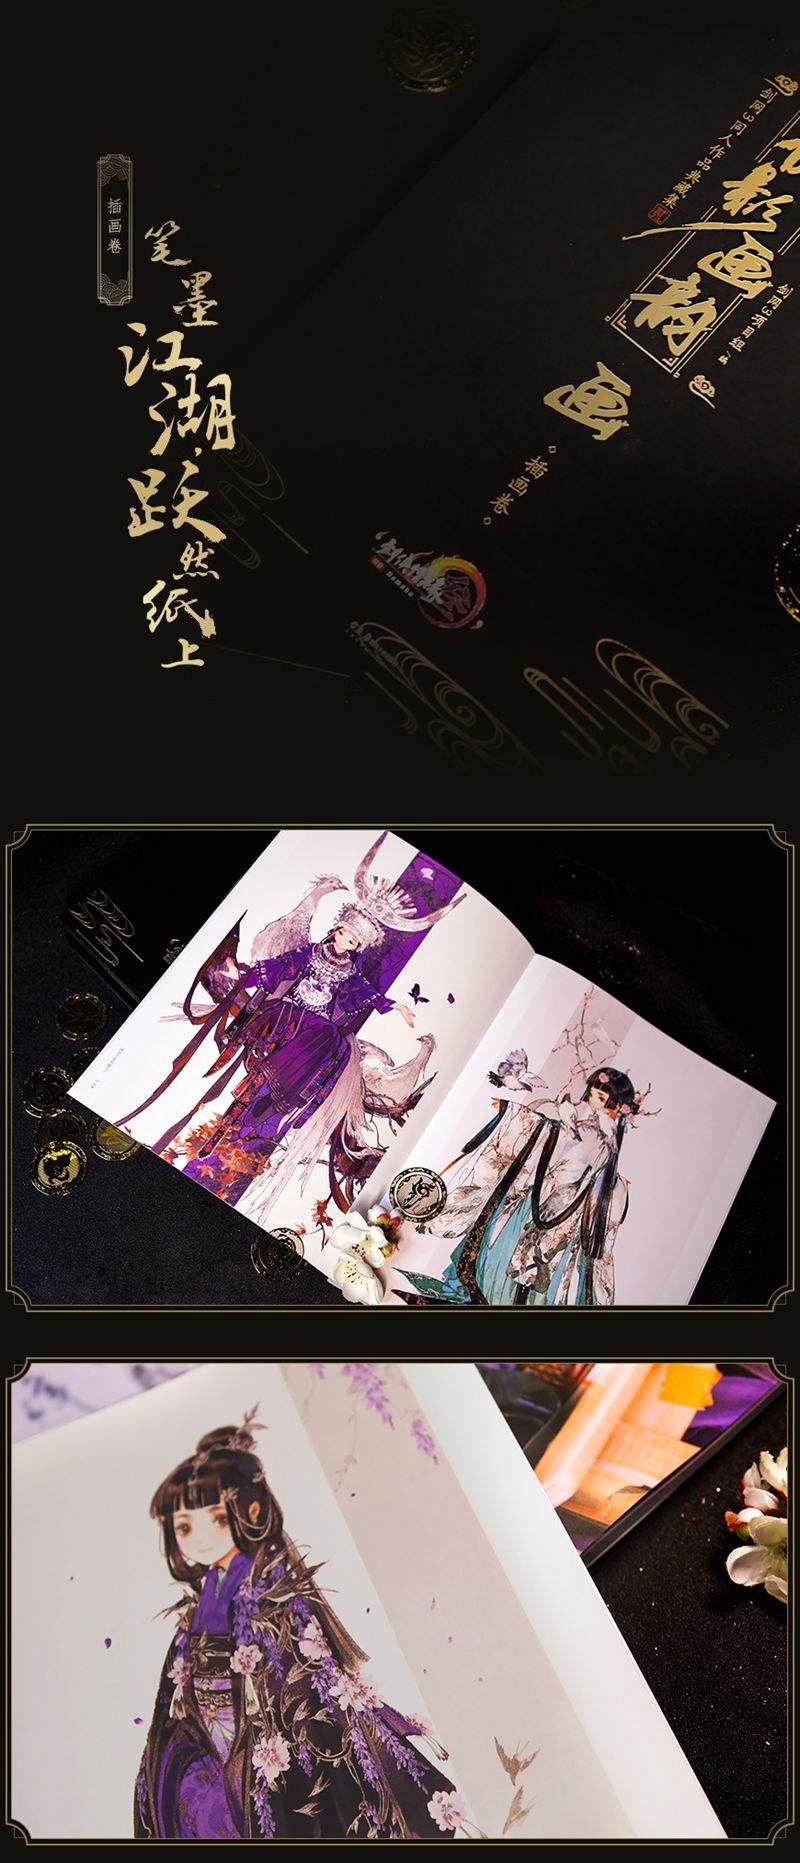 《剑网3》同人典藏集今日上架 赠专属特效挂件